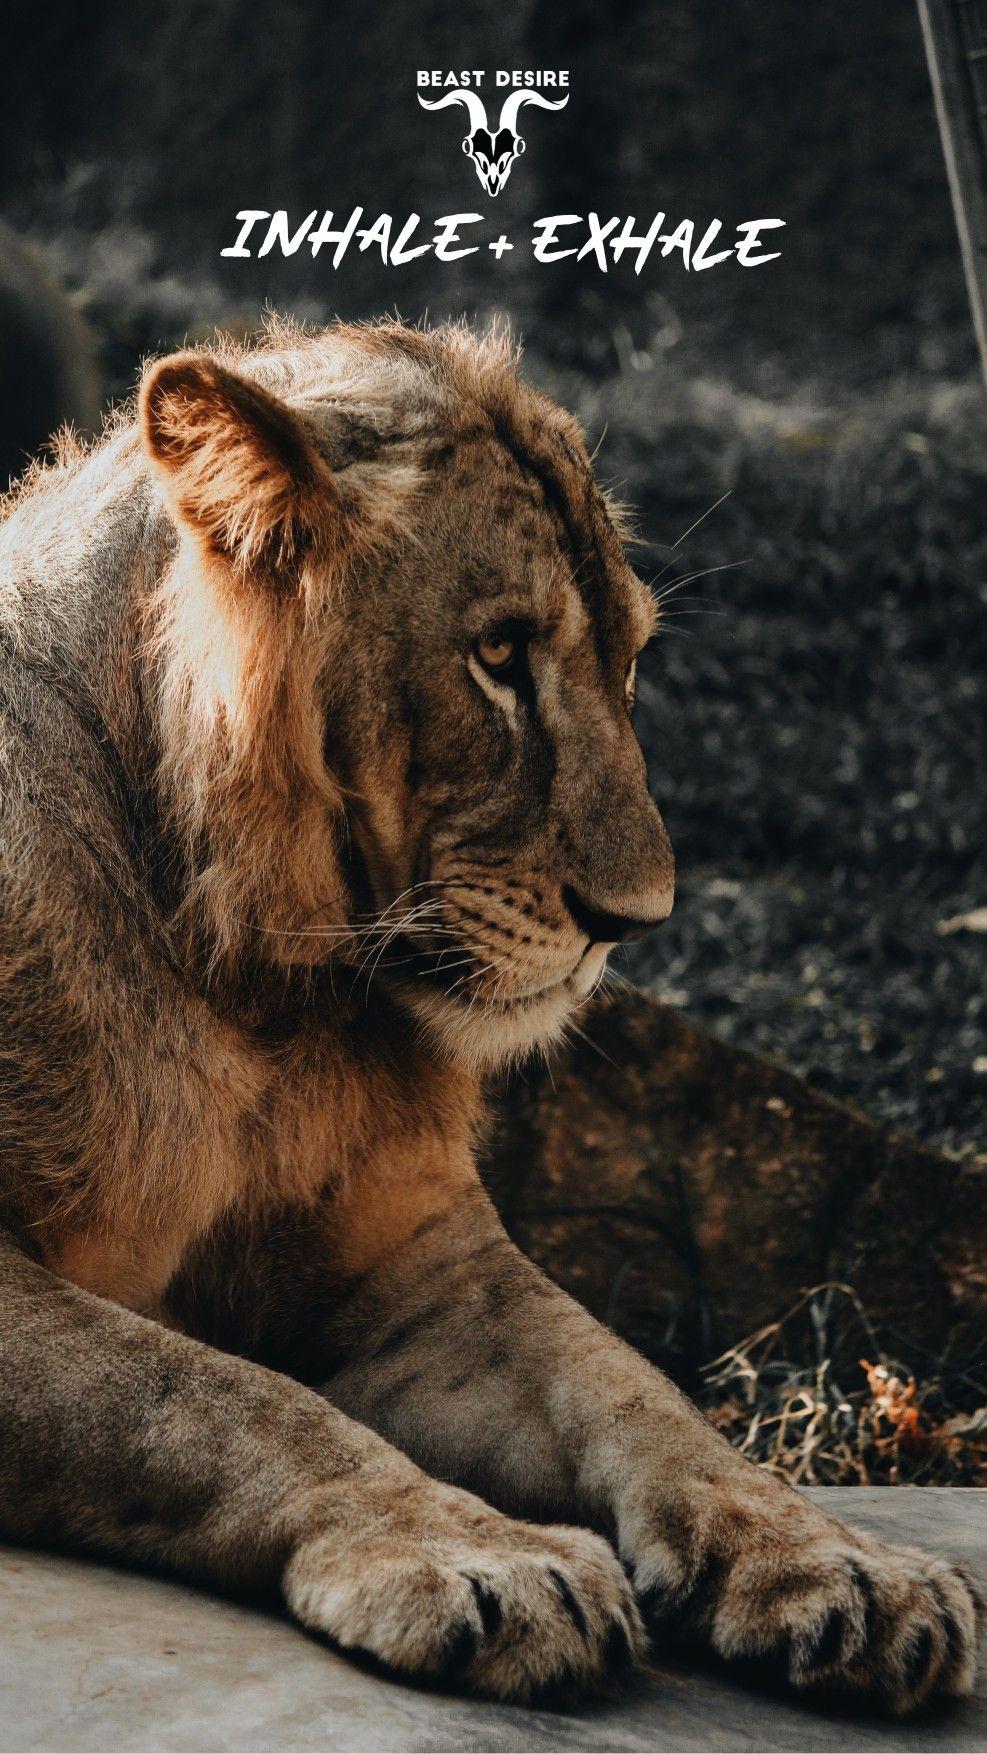 Beast Desire Wallpaper Beast Cat Spirit Motivational Quotes Wallpaper